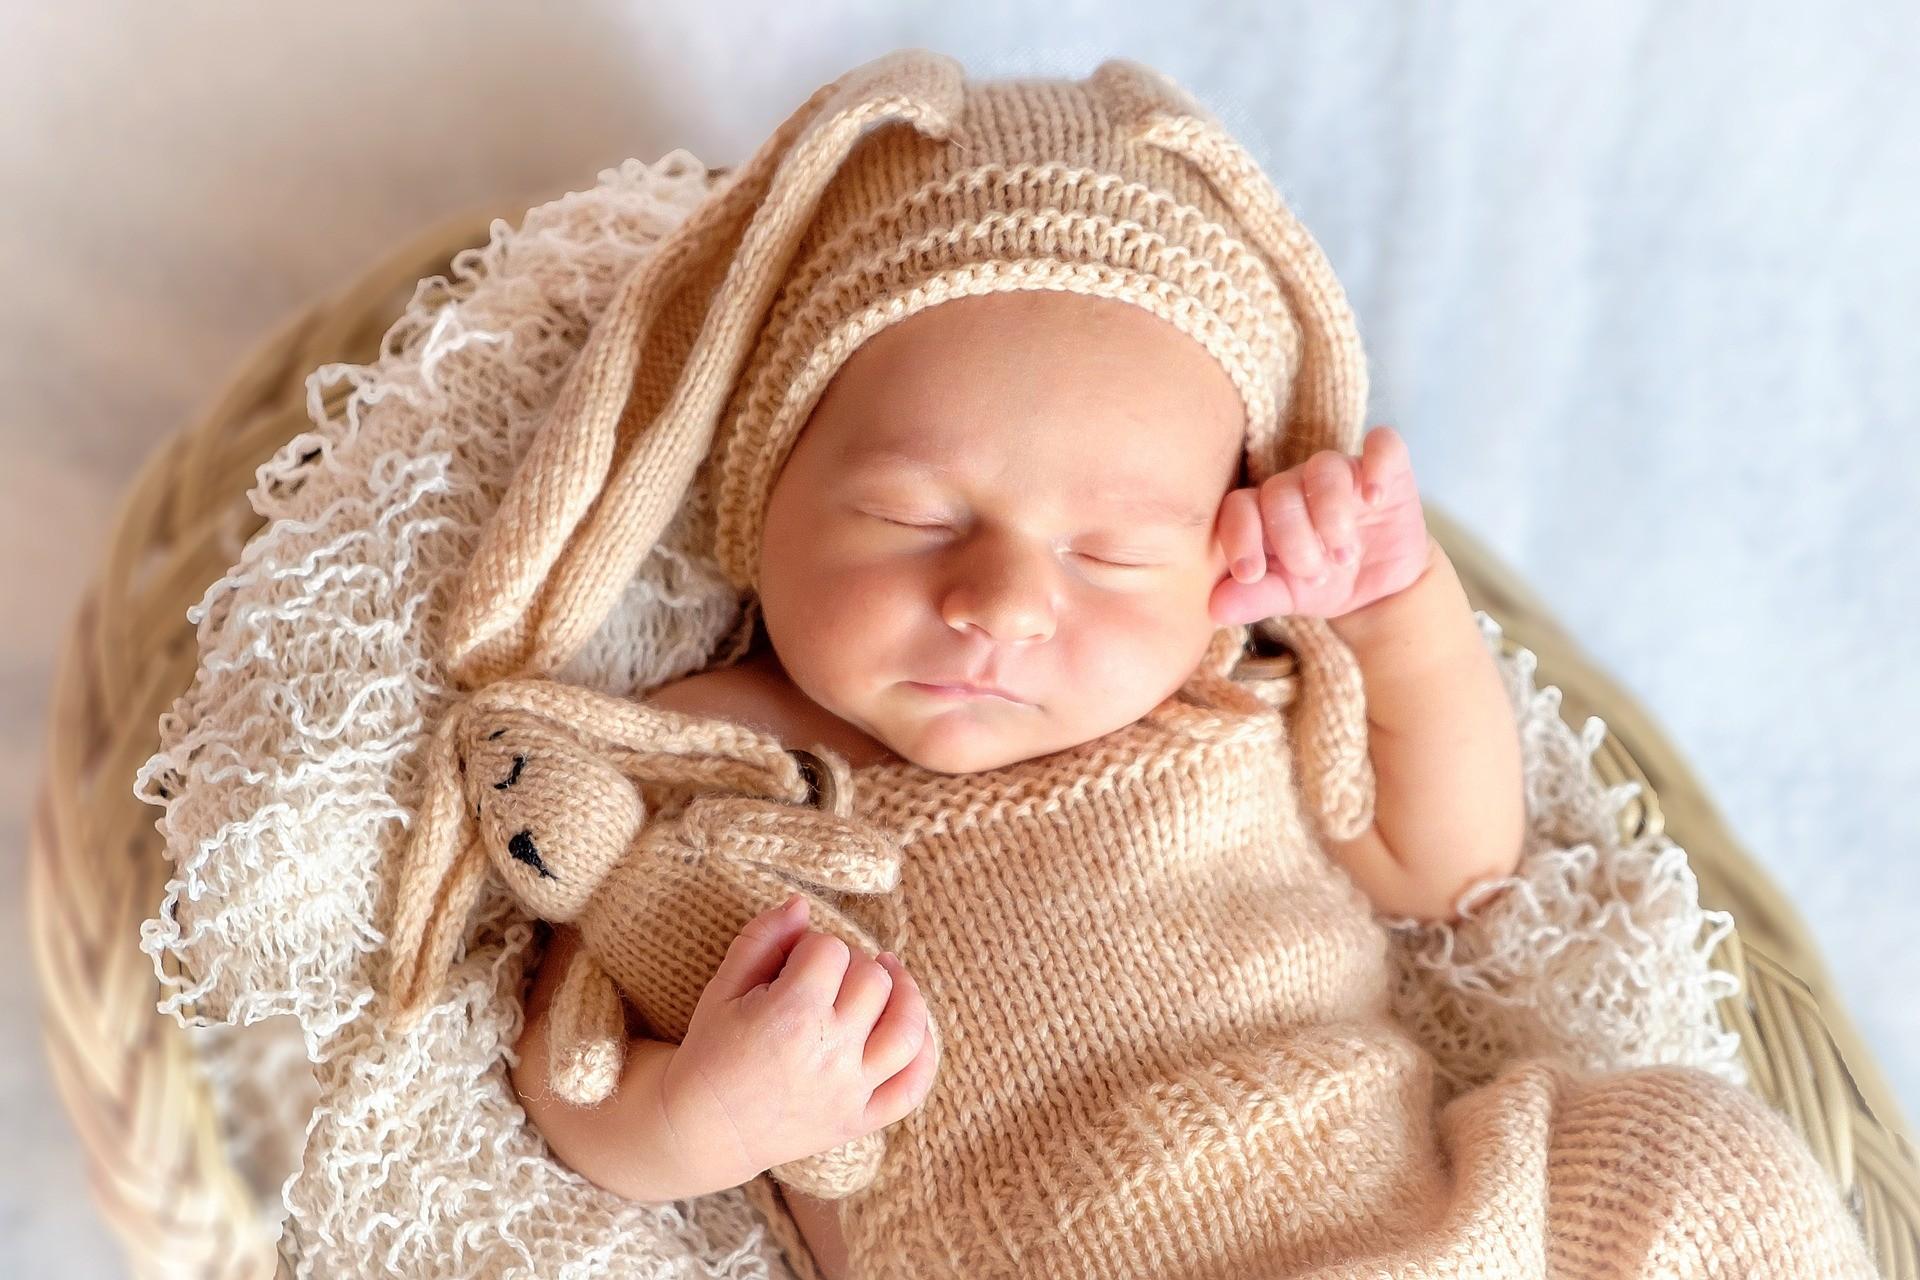 ▲睡眠,午覺,打盹,熬夜,駕駛,工作,筆電,辦公,在家工作,嬰兒,曬太陽。(圖/翻攝自pixabay)